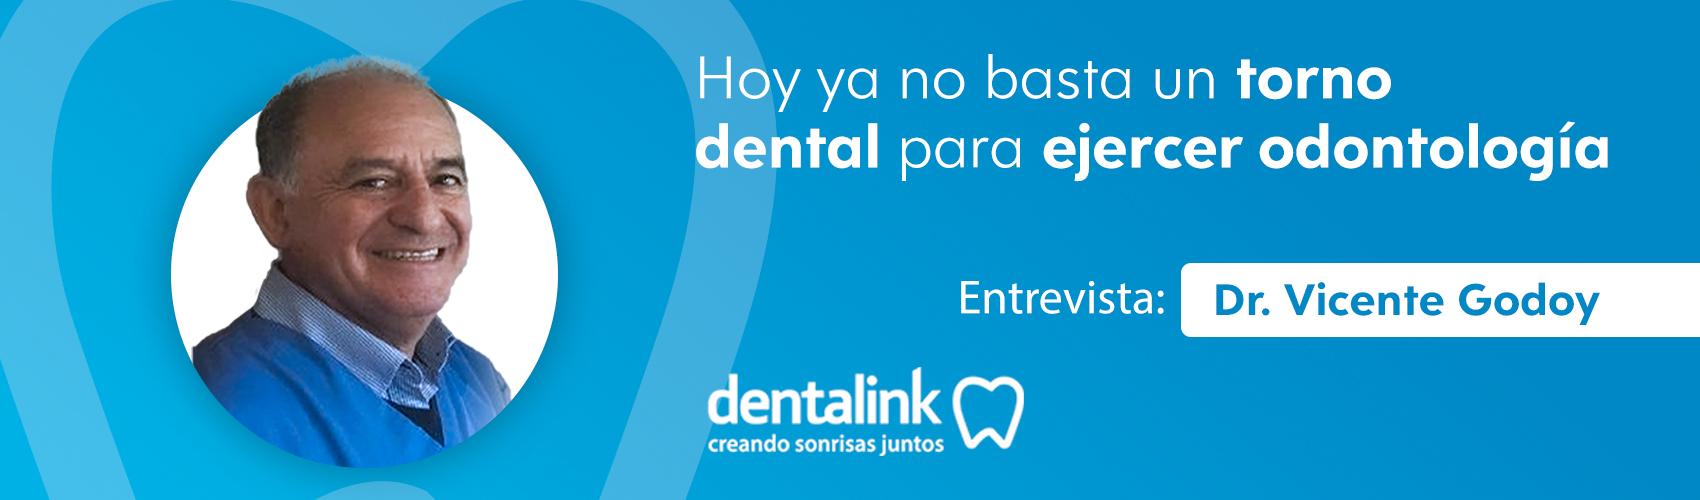 Entrevista al Dr. Vicente Godoy - Conversamos sobre su visión actual de la odontología y la gestión.